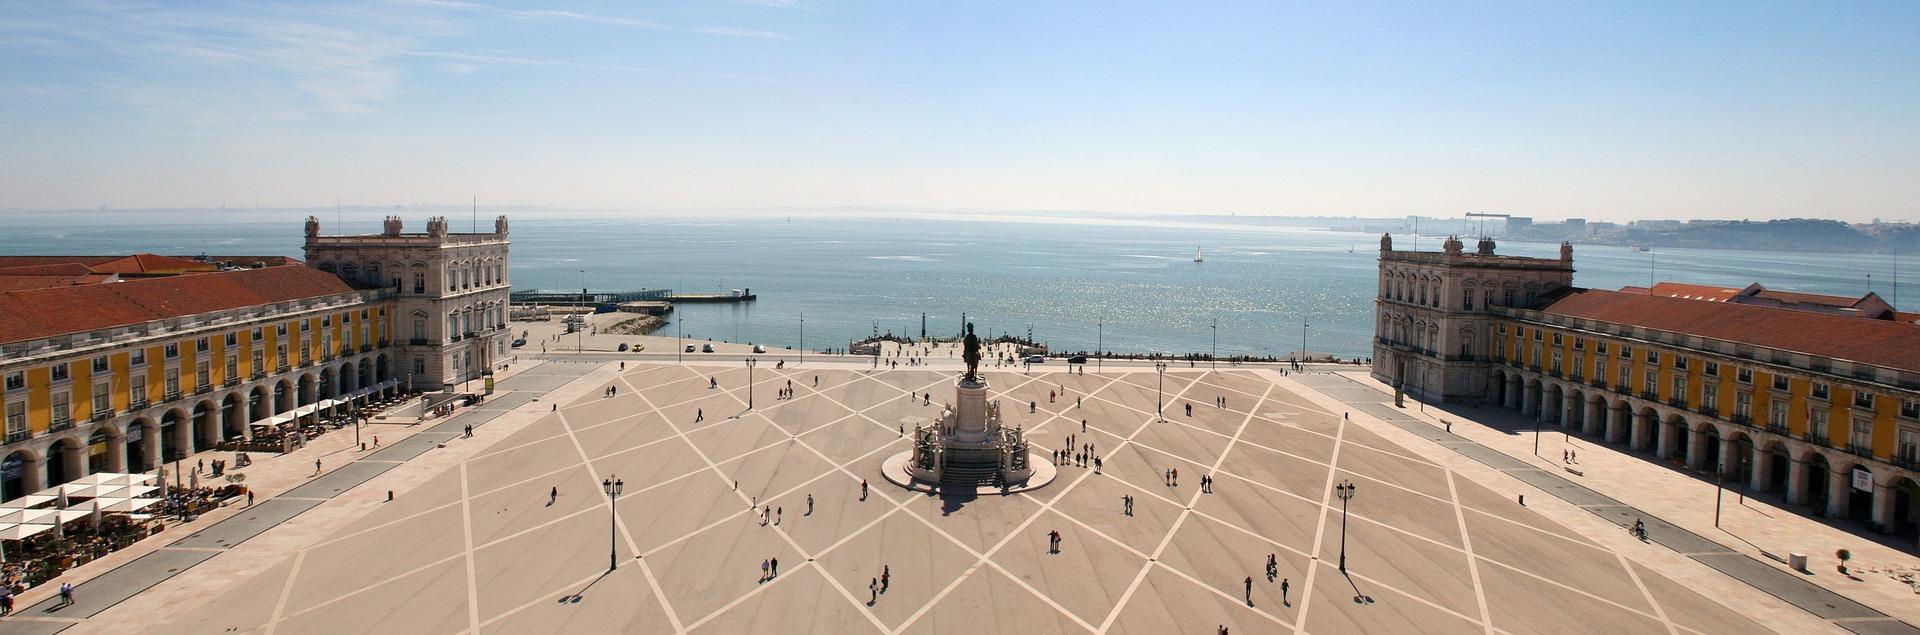 Portugal Urlaub - Städtereise Lissabon Pauschal & Tracker im Vergleich